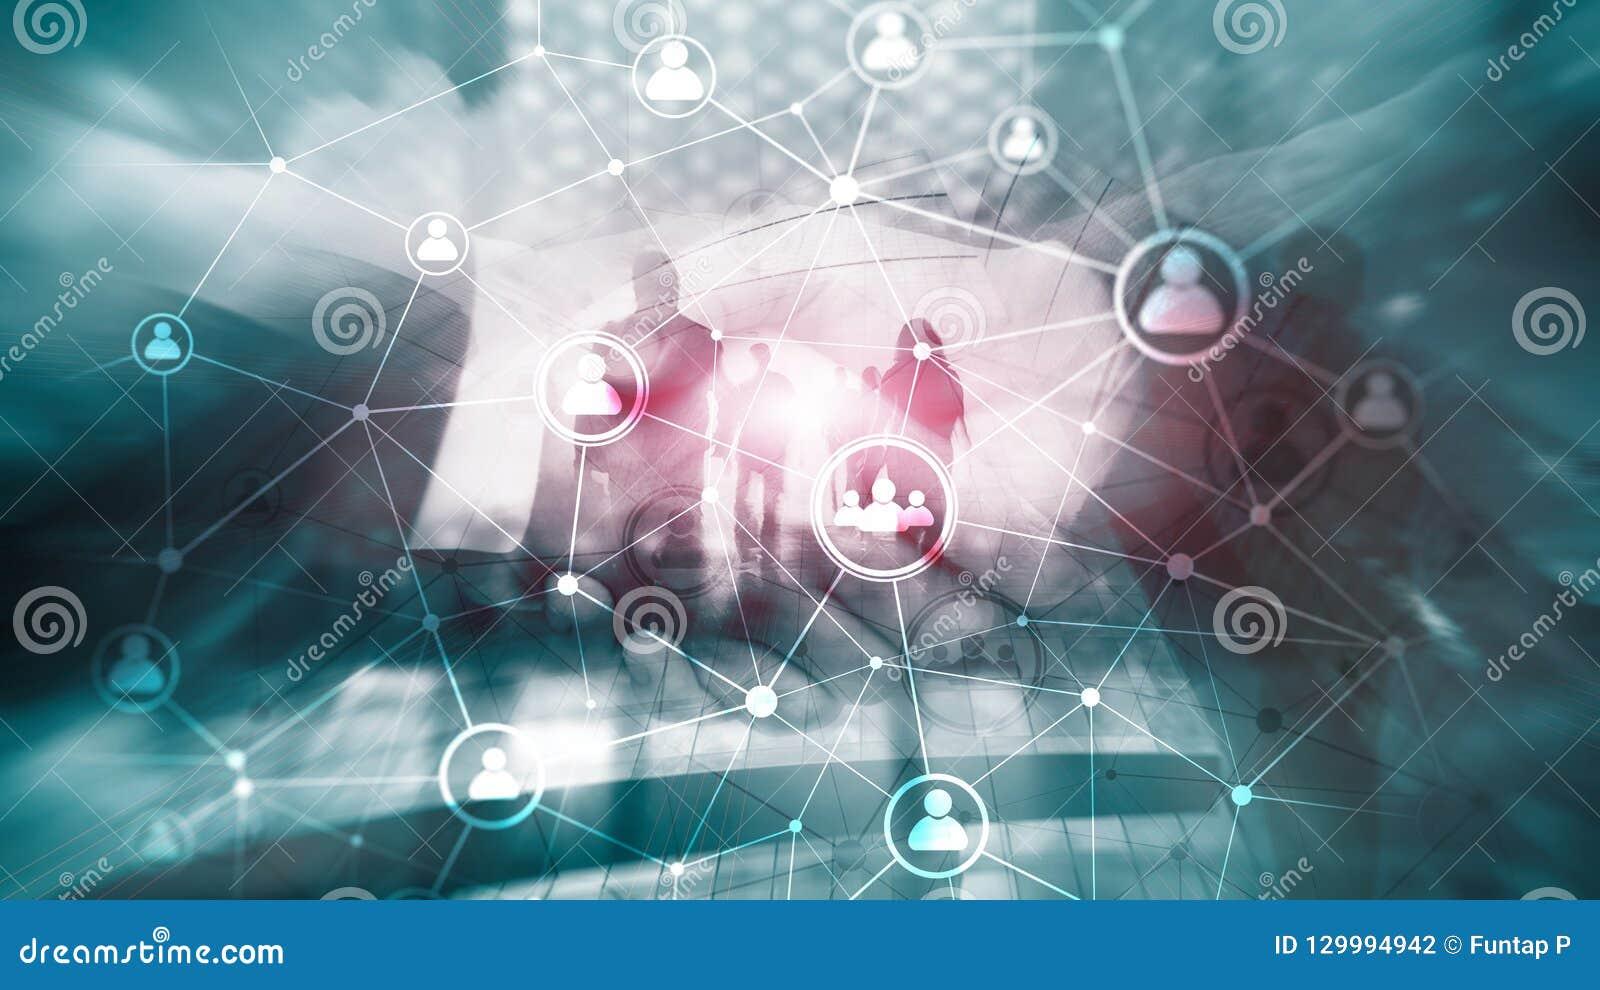 Διπλή δομή ωρ. δικτύων ανθρώπων έκθεσης - έννοια διαχείρισης και στρατολόγησης ανθρώπινων δυναμικών